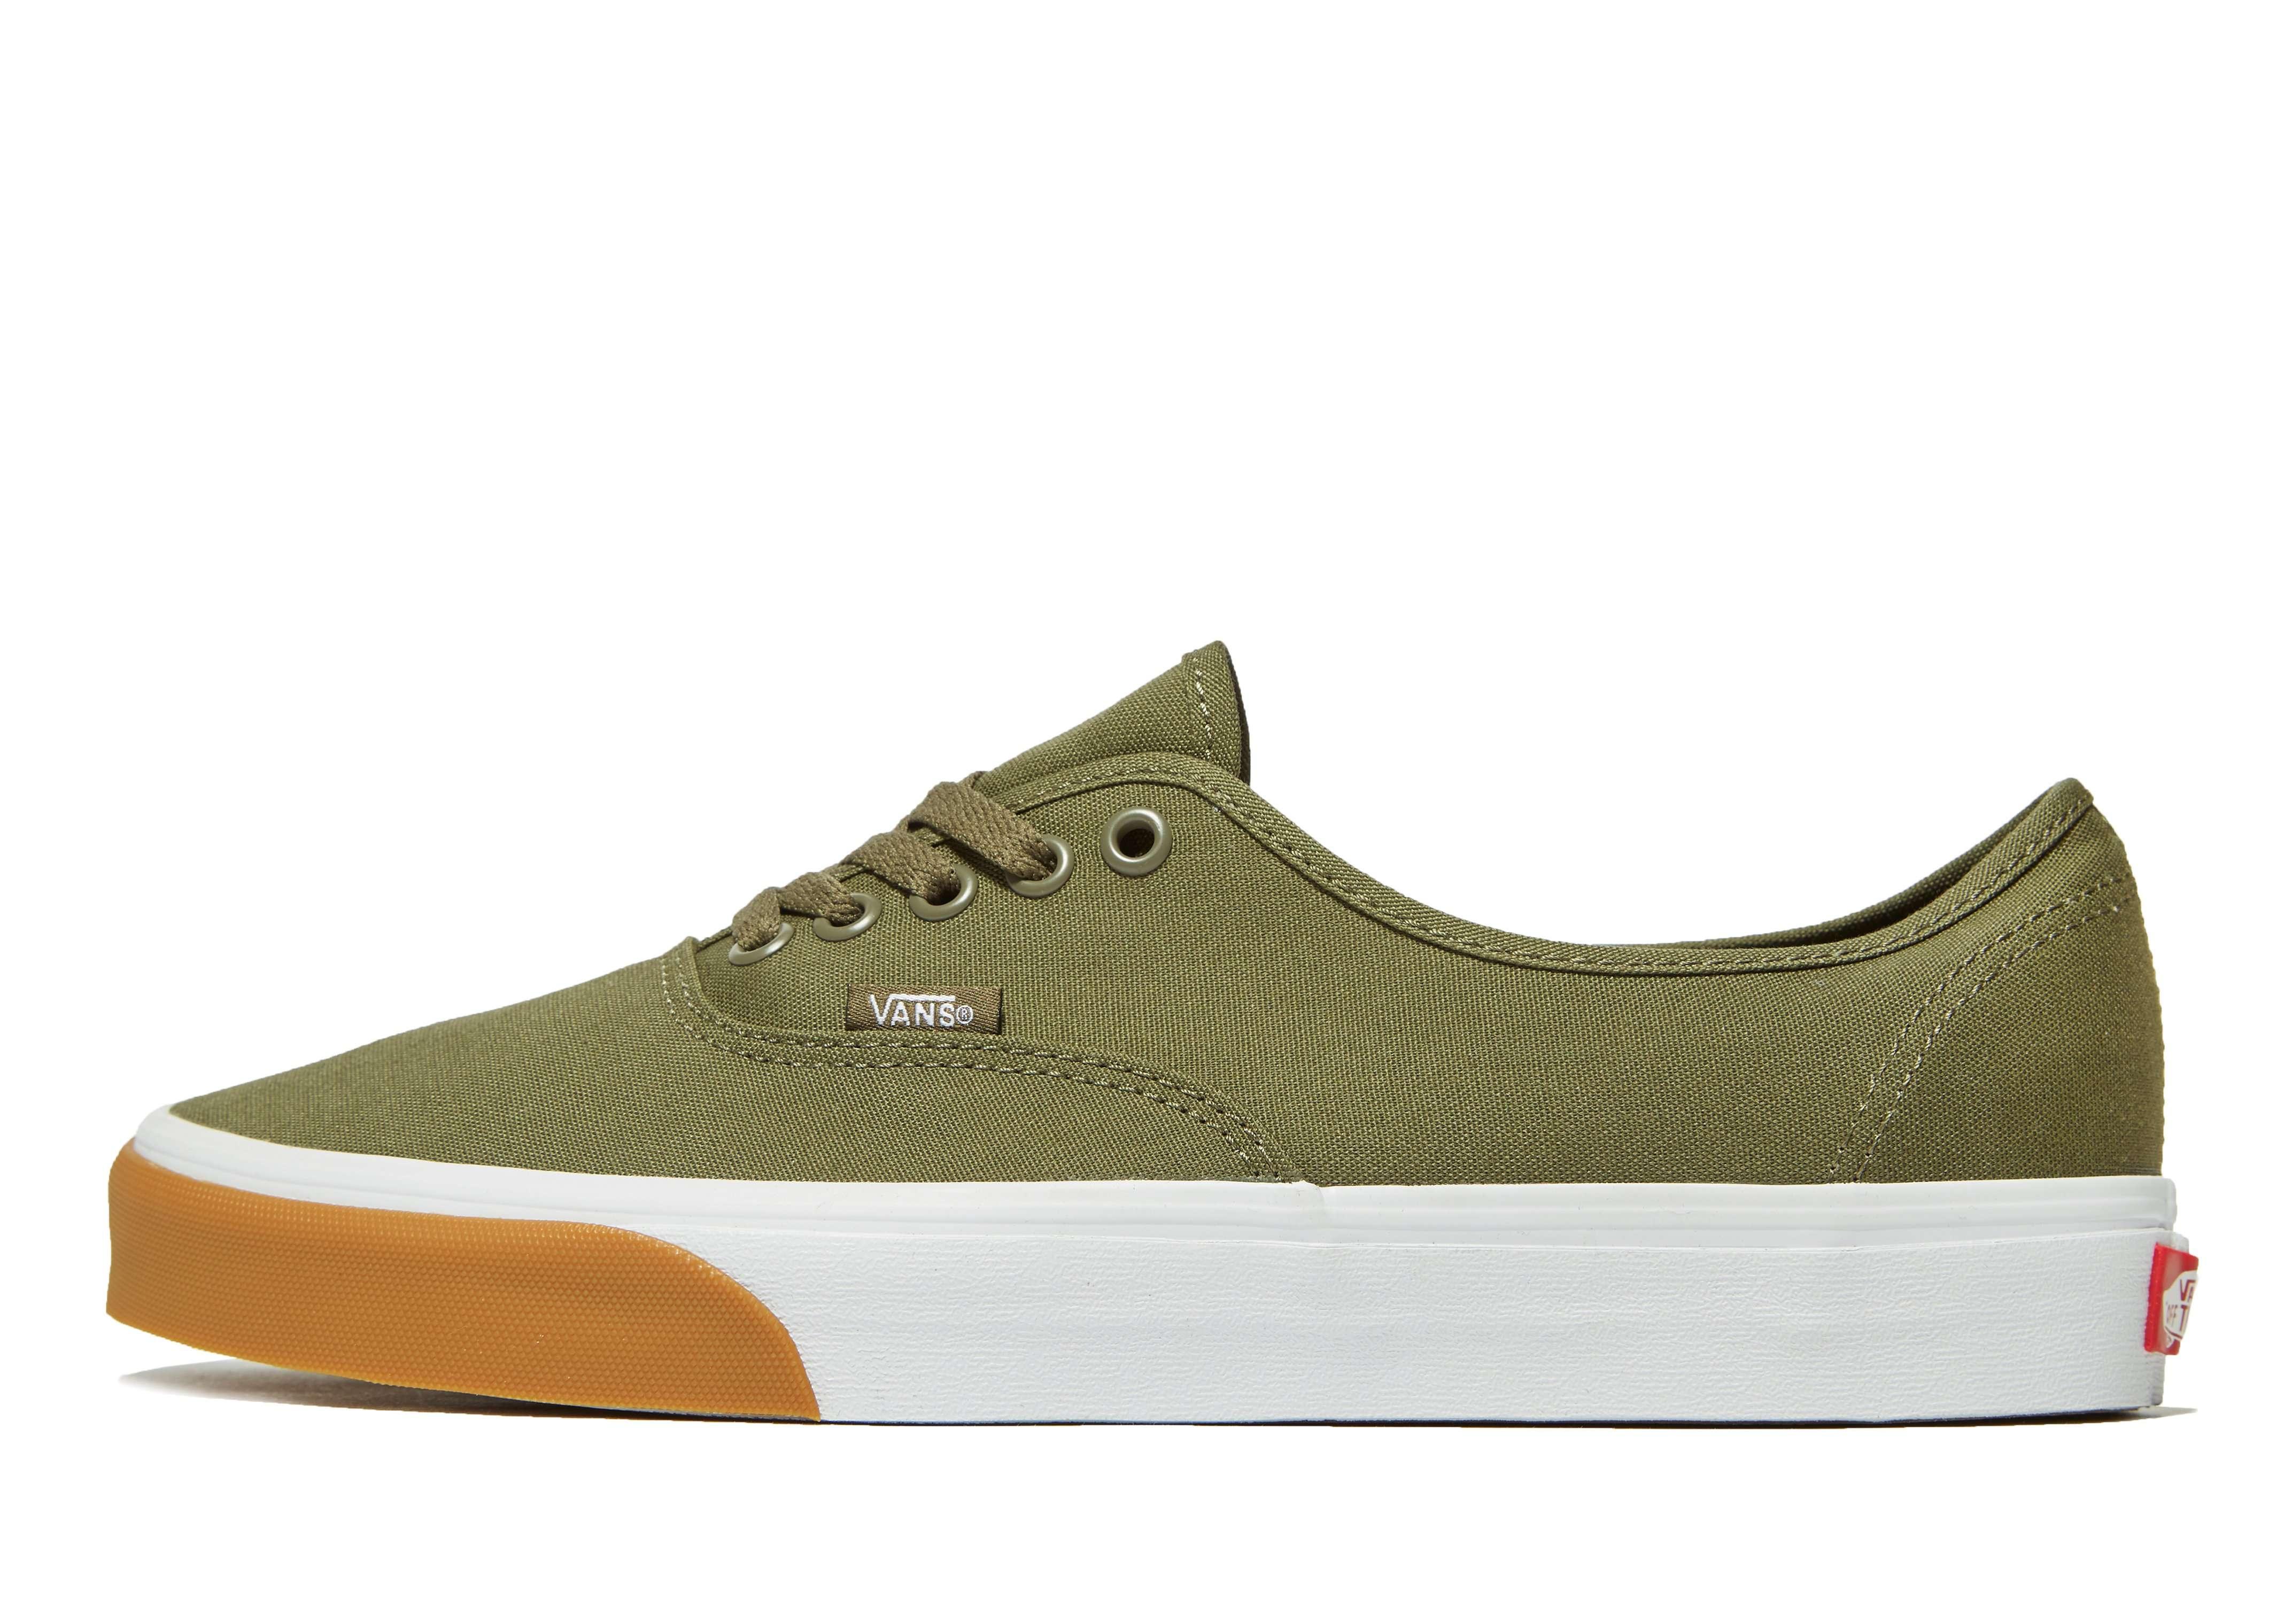 Vans Authentic - Men's Skate Shoes - Green 041015